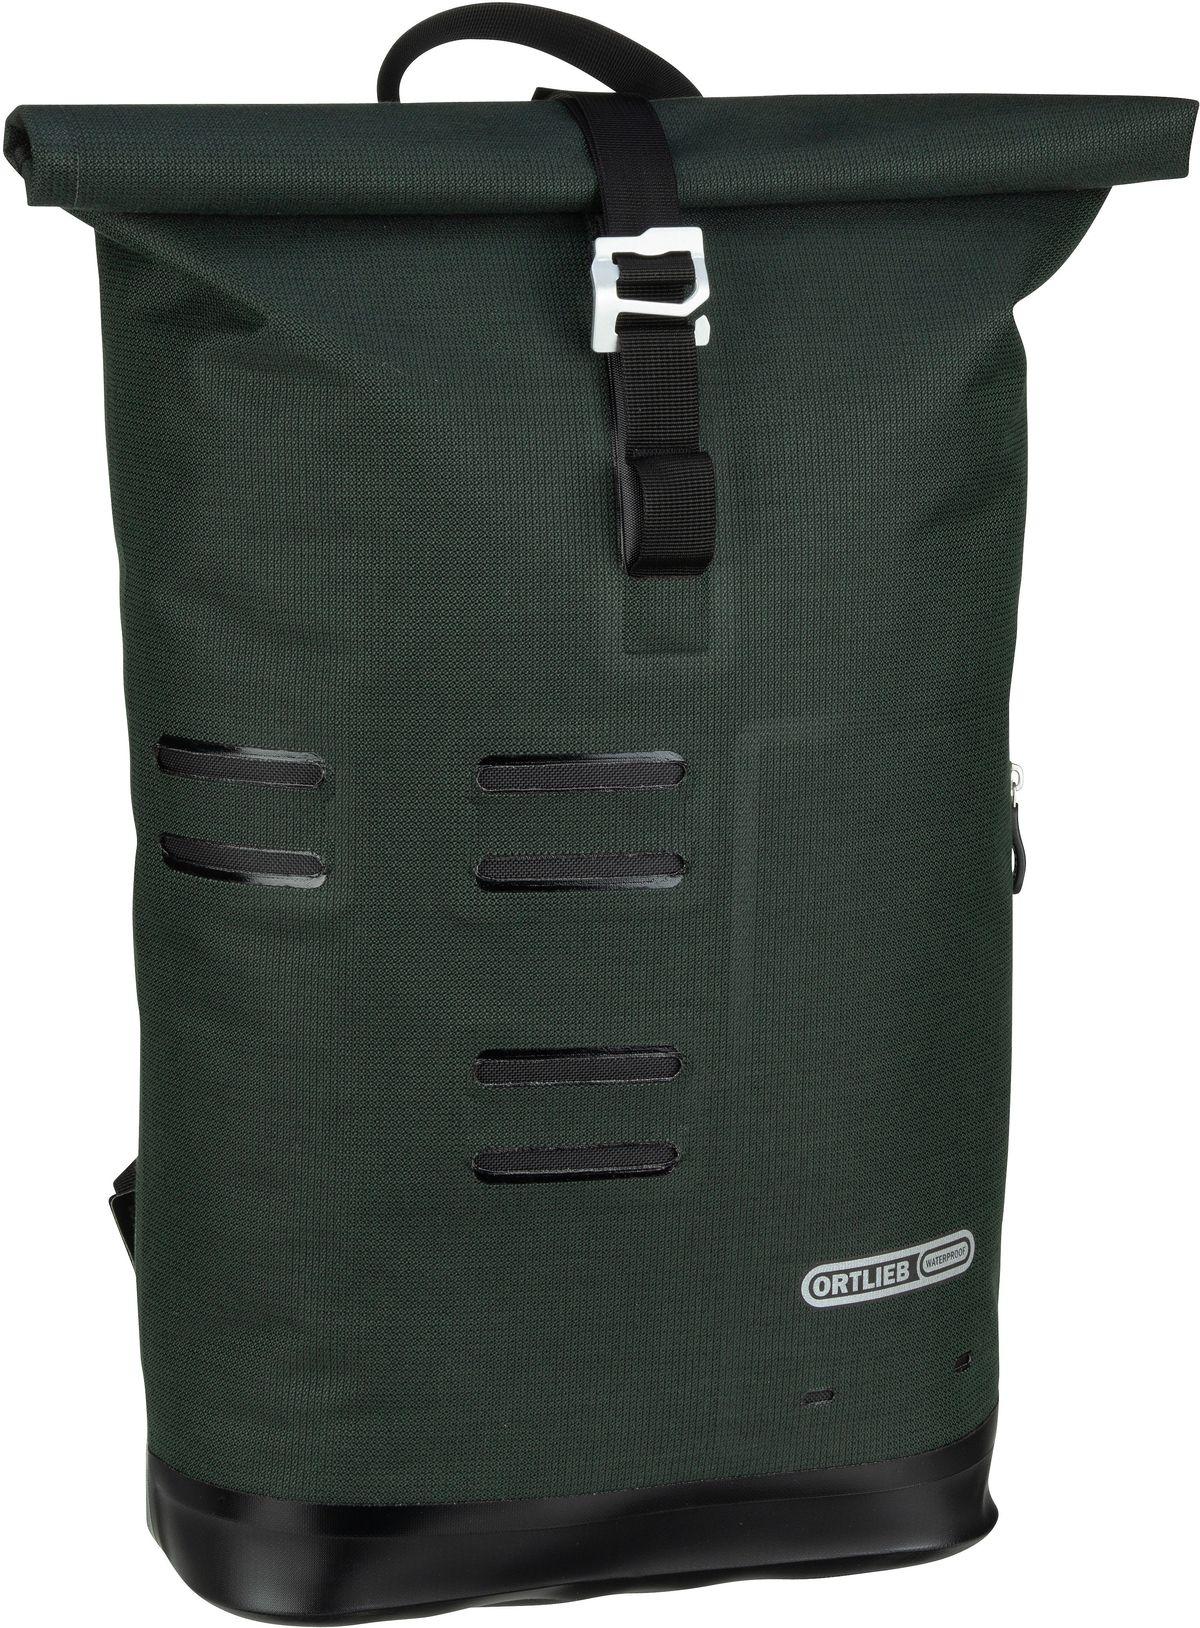 Rucksack / Daypack Commuter-Daypack Urban Pine (21 Liter)